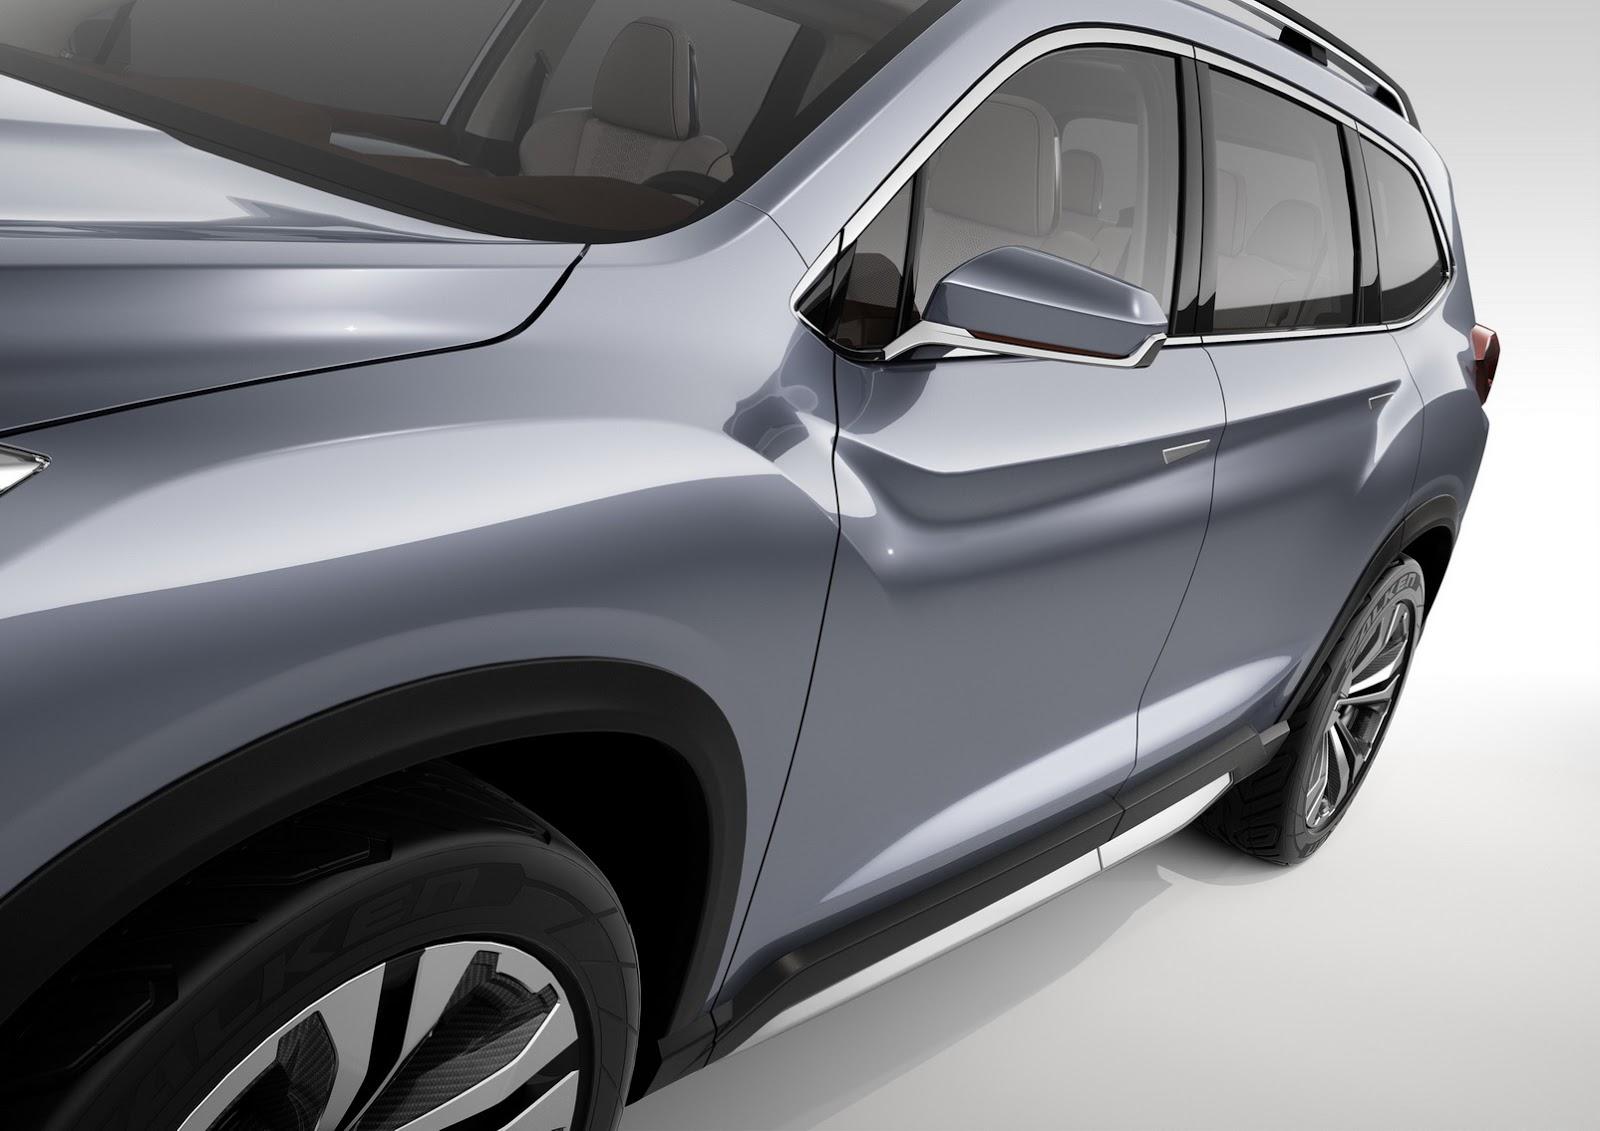 Subaru_Ascent_concept_01